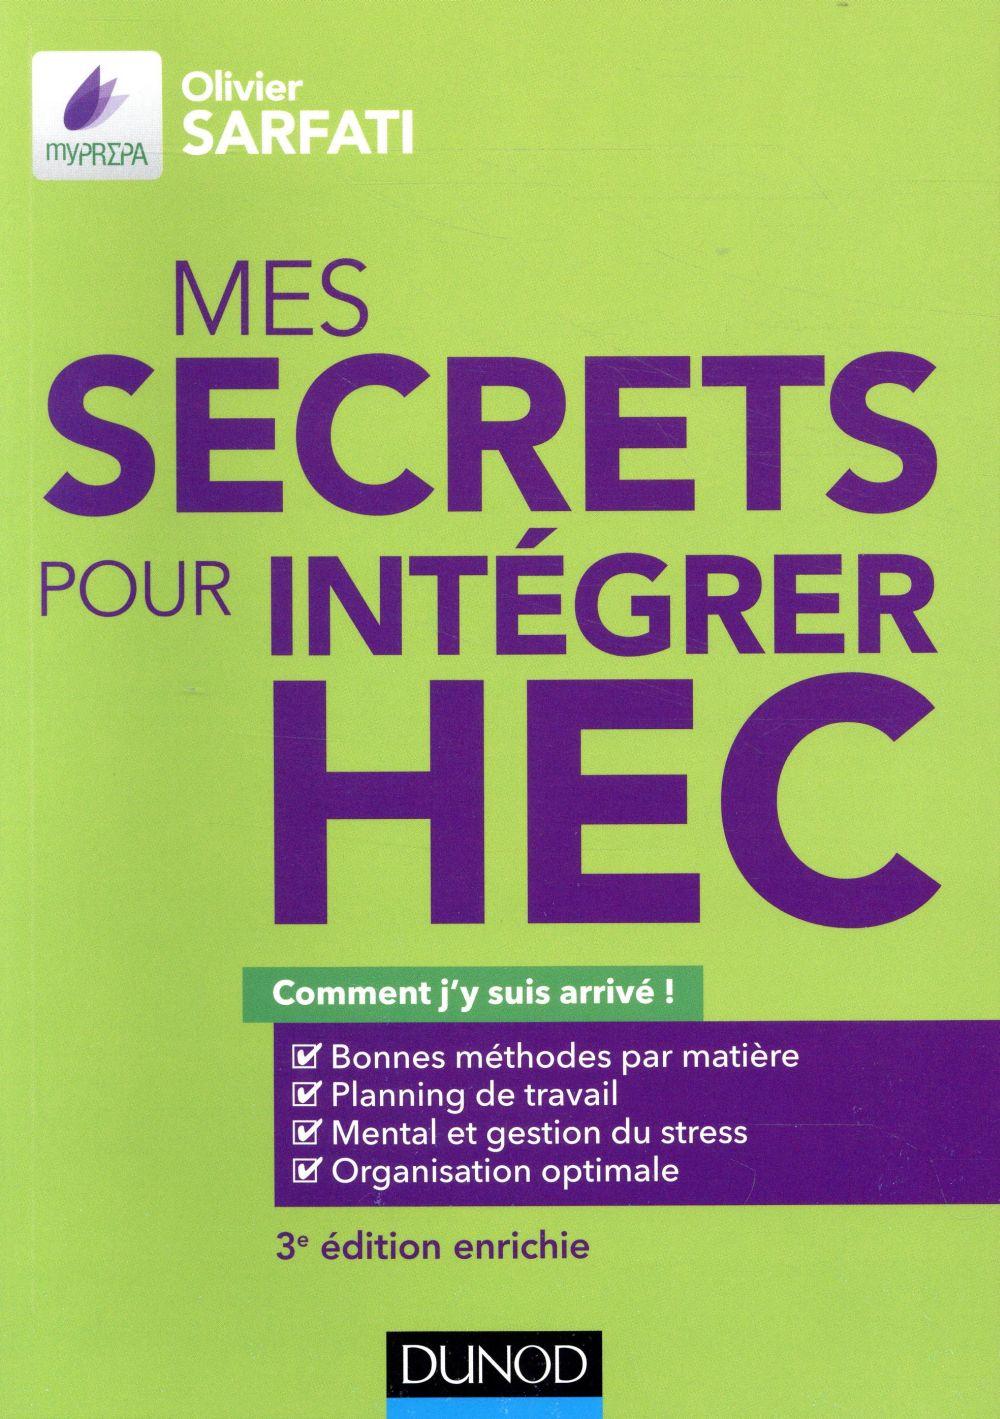 - MES SECRETS POUR INTEGRER HEC - 3E ED. - COMMENT J'Y SUIS ARRIVE !